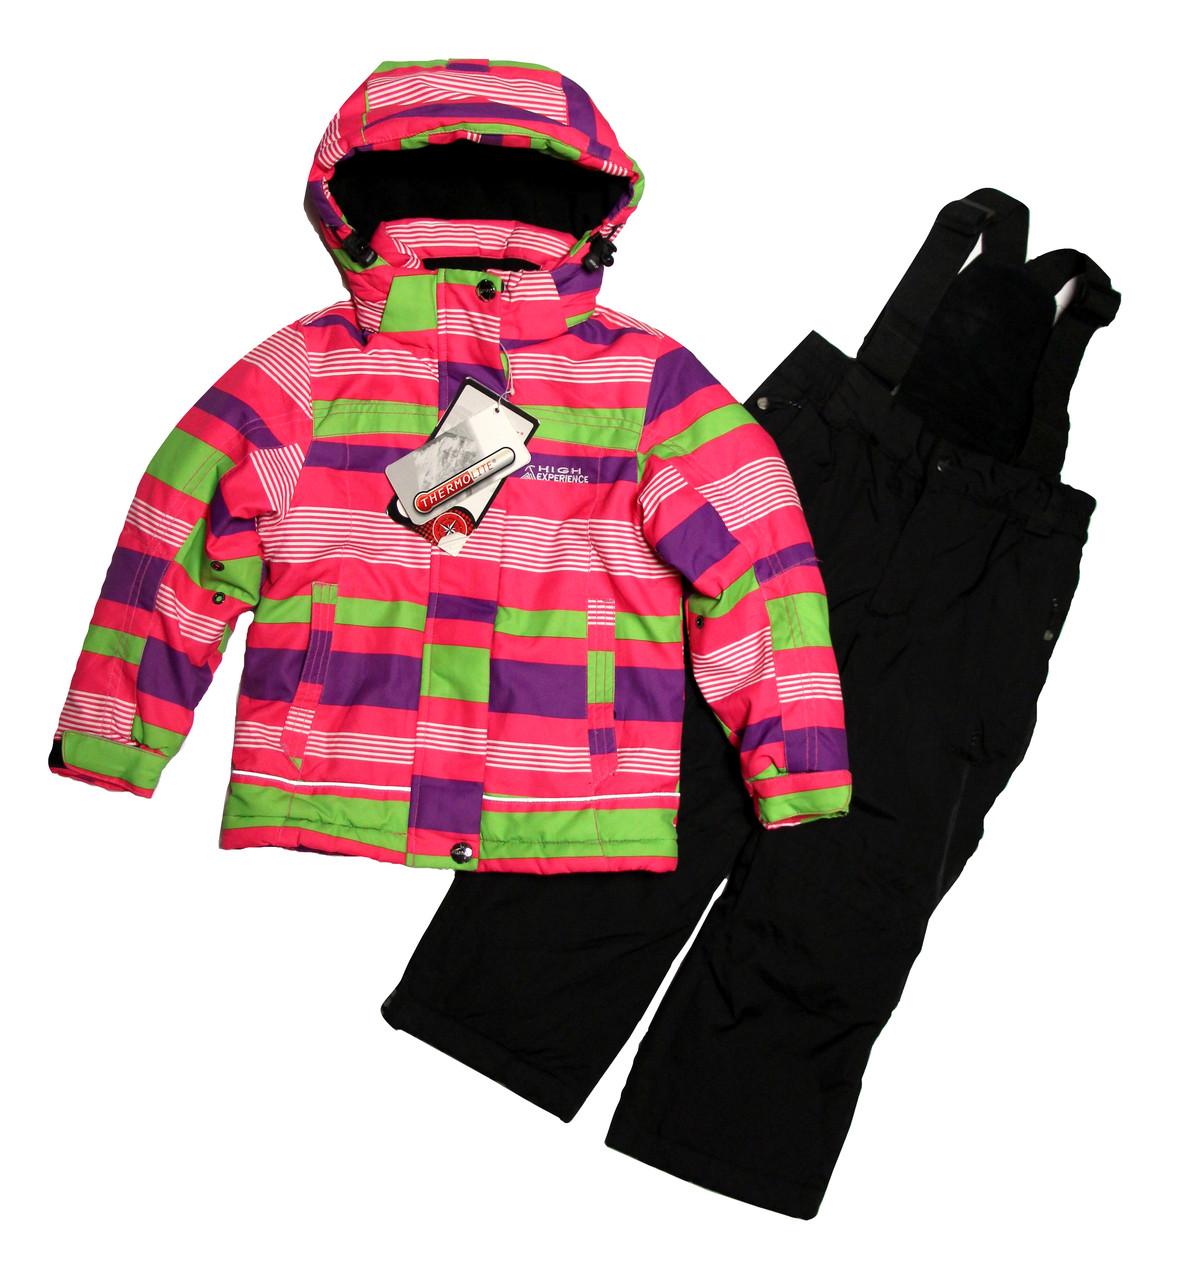 Термокомбінезон зимовий для дівчинки 3-х років HIGH EXPERIENCE в смужку